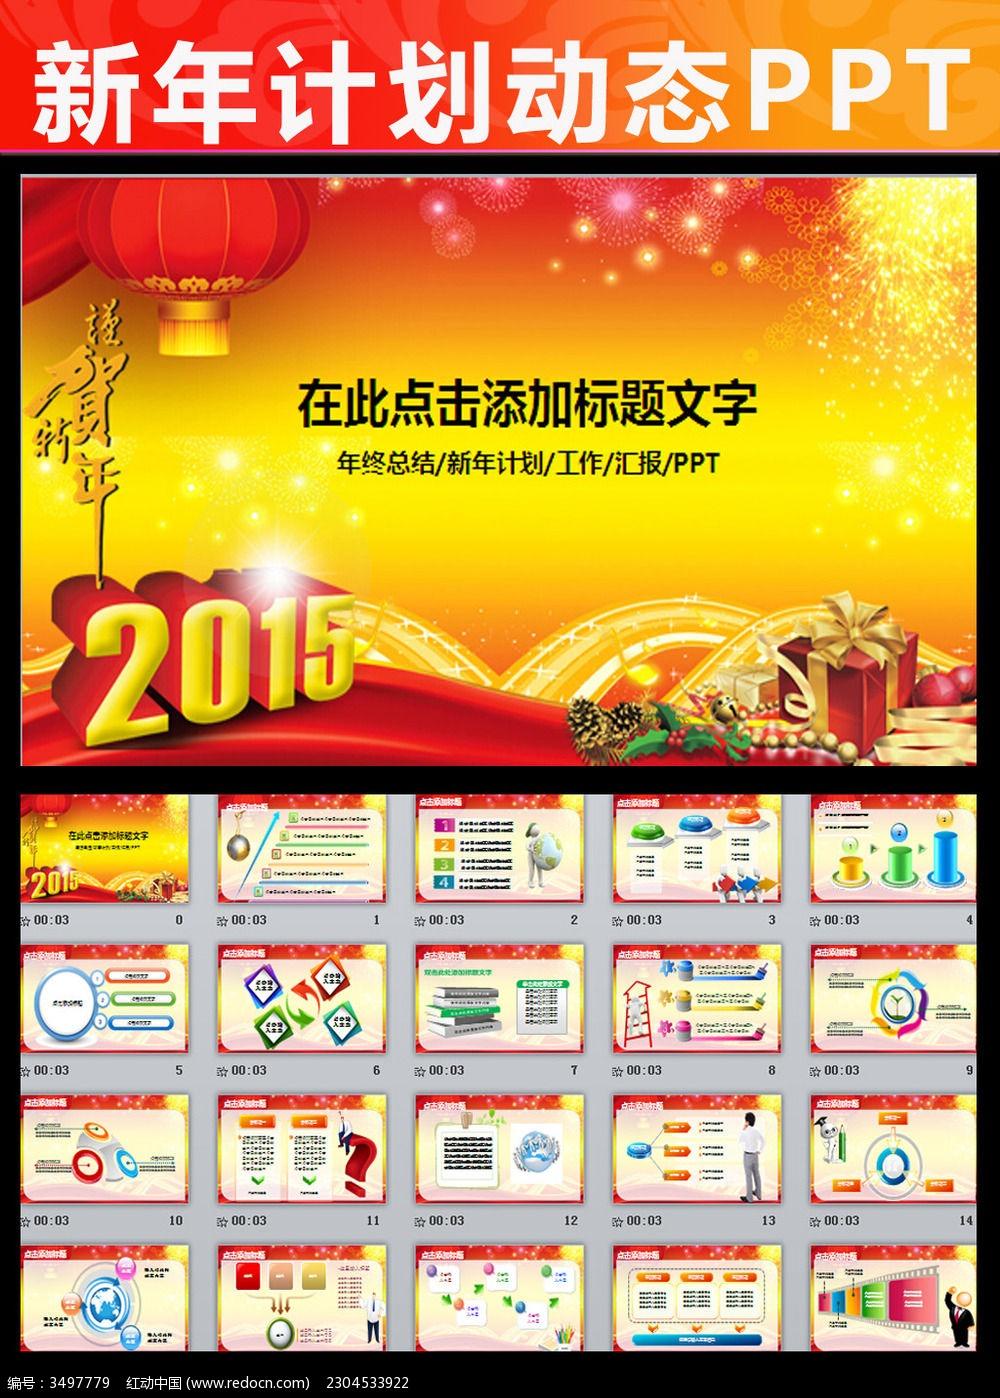 羊年2015年新年开门红PPT模板元旦素材下载 编号3497779 红动网